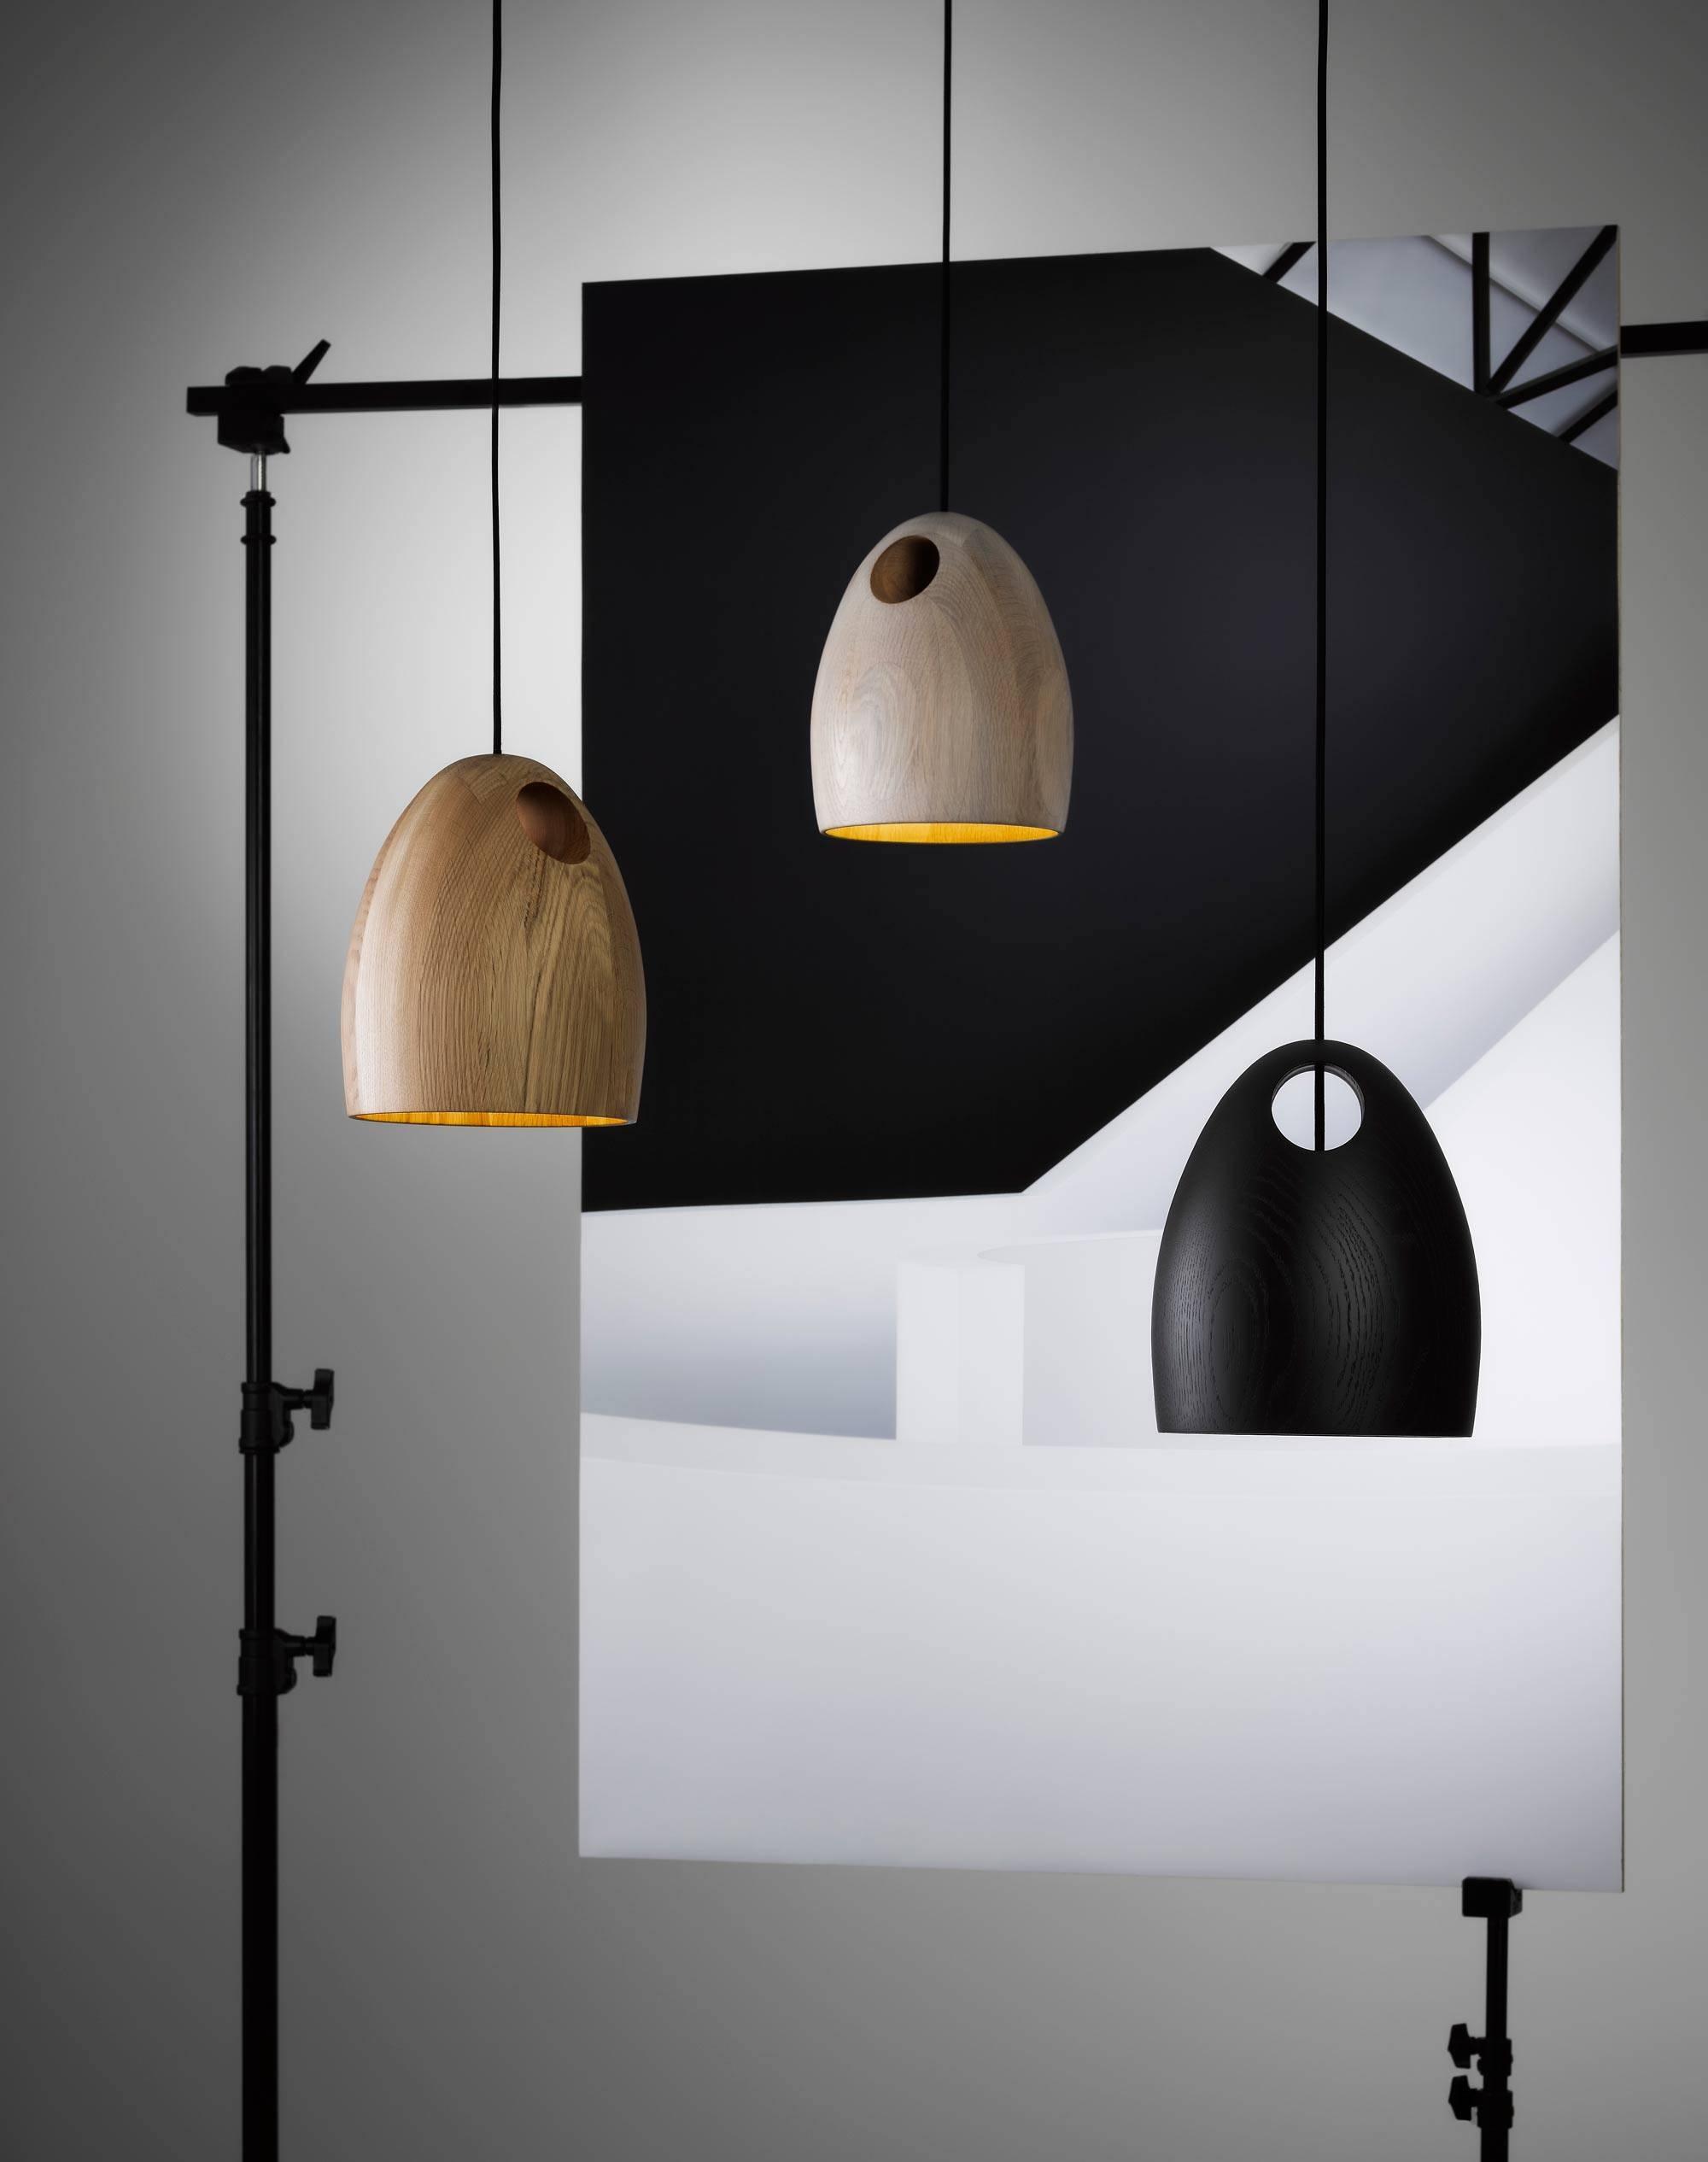 Oak Pendant Light | Ross Gardam - Melbourne Australia inside Wooden Pendant Lights Melbourne (Image 15 of 15)